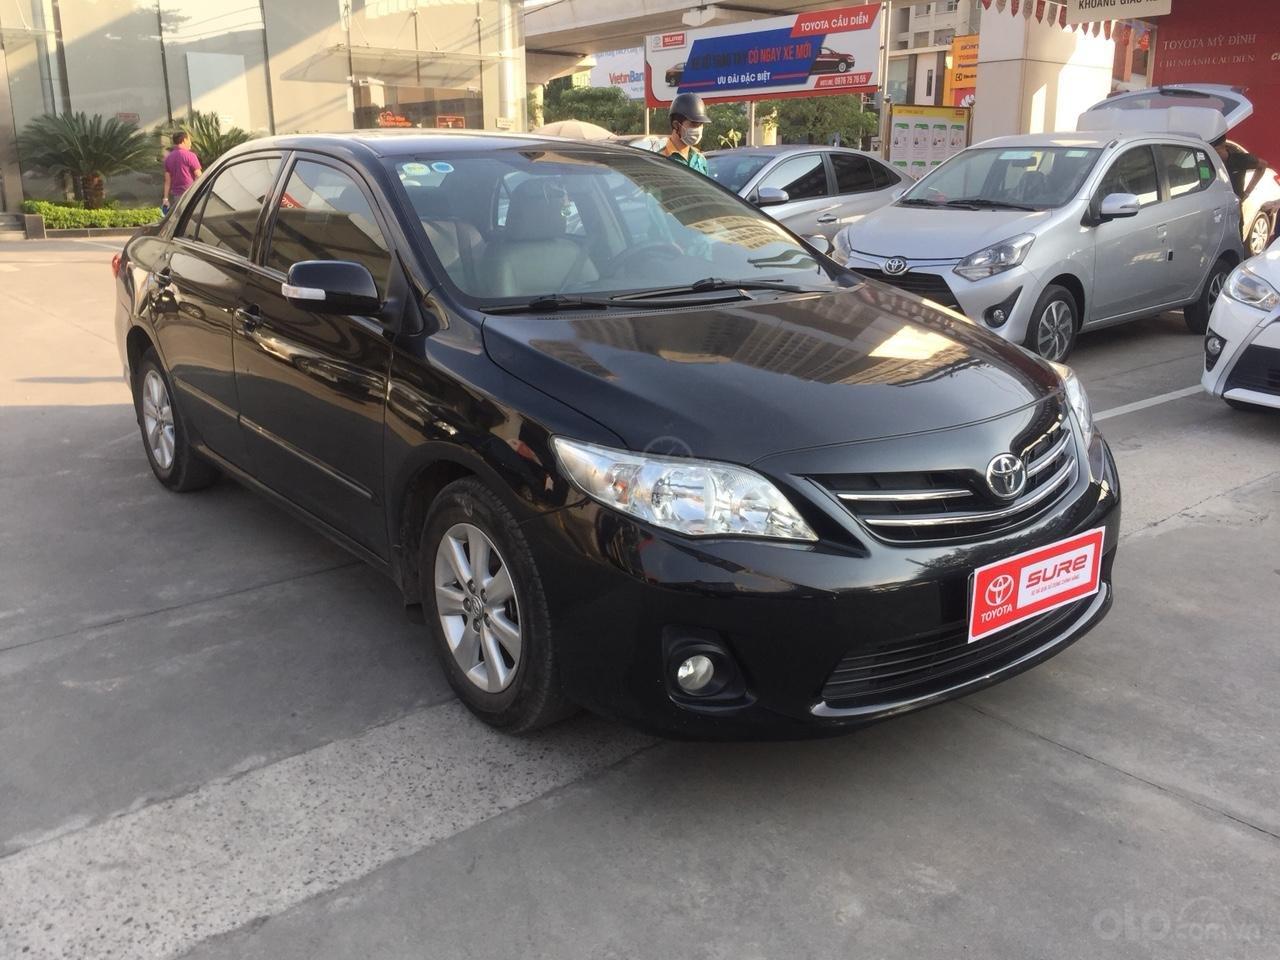 Bán xe Toyota Corolla altis sản xuất 2013, màu đen (1)